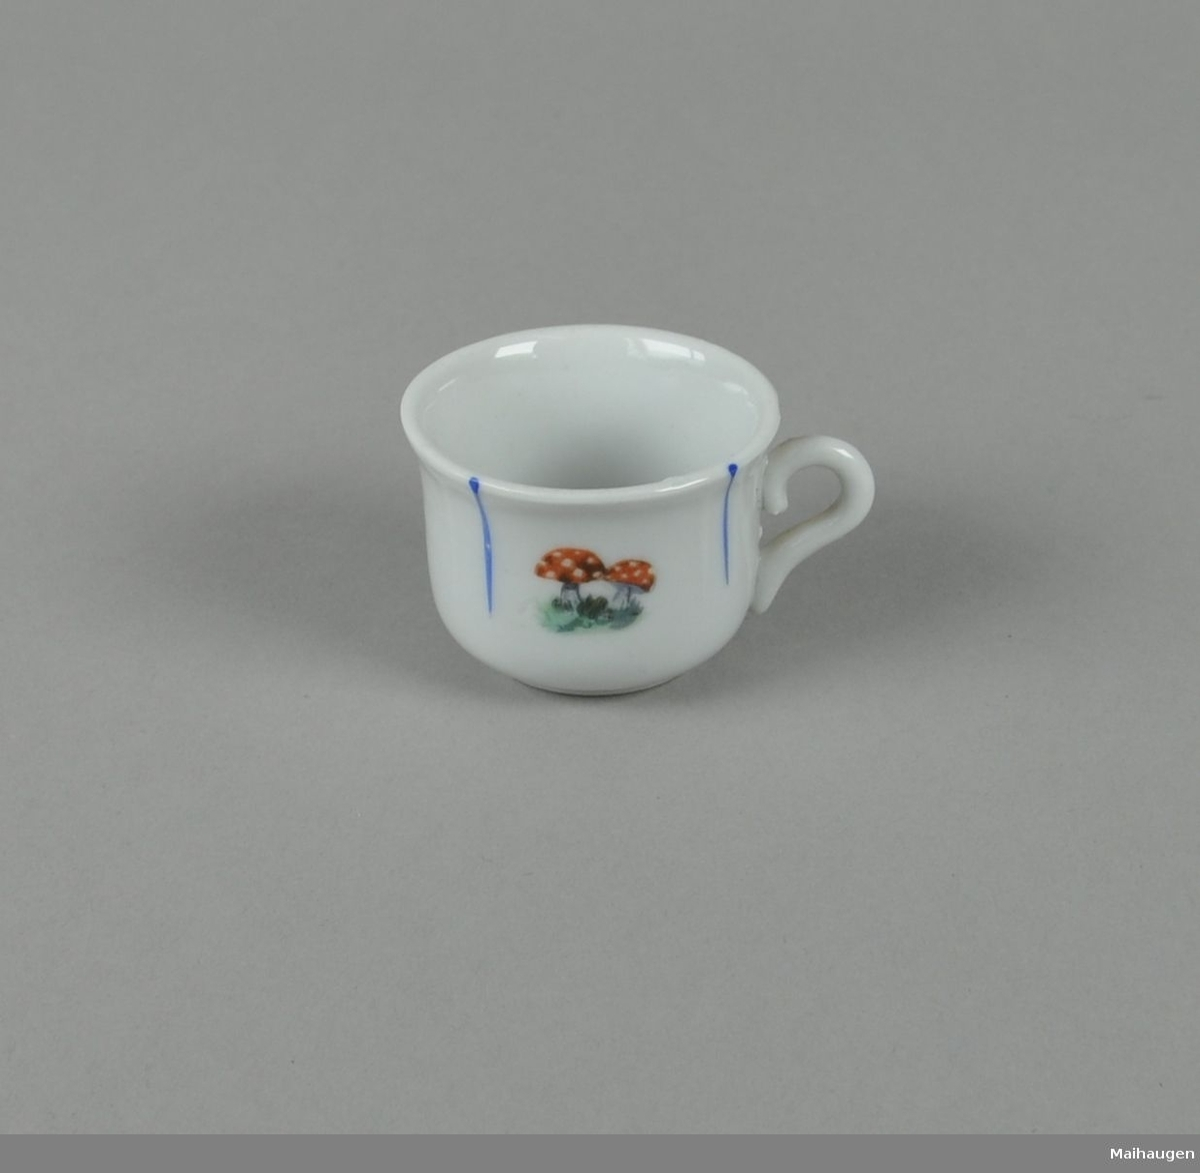 Hvit kopp av glassert keramikk, med malt dekor av nedovergående blå striper og fluesopp i midten.